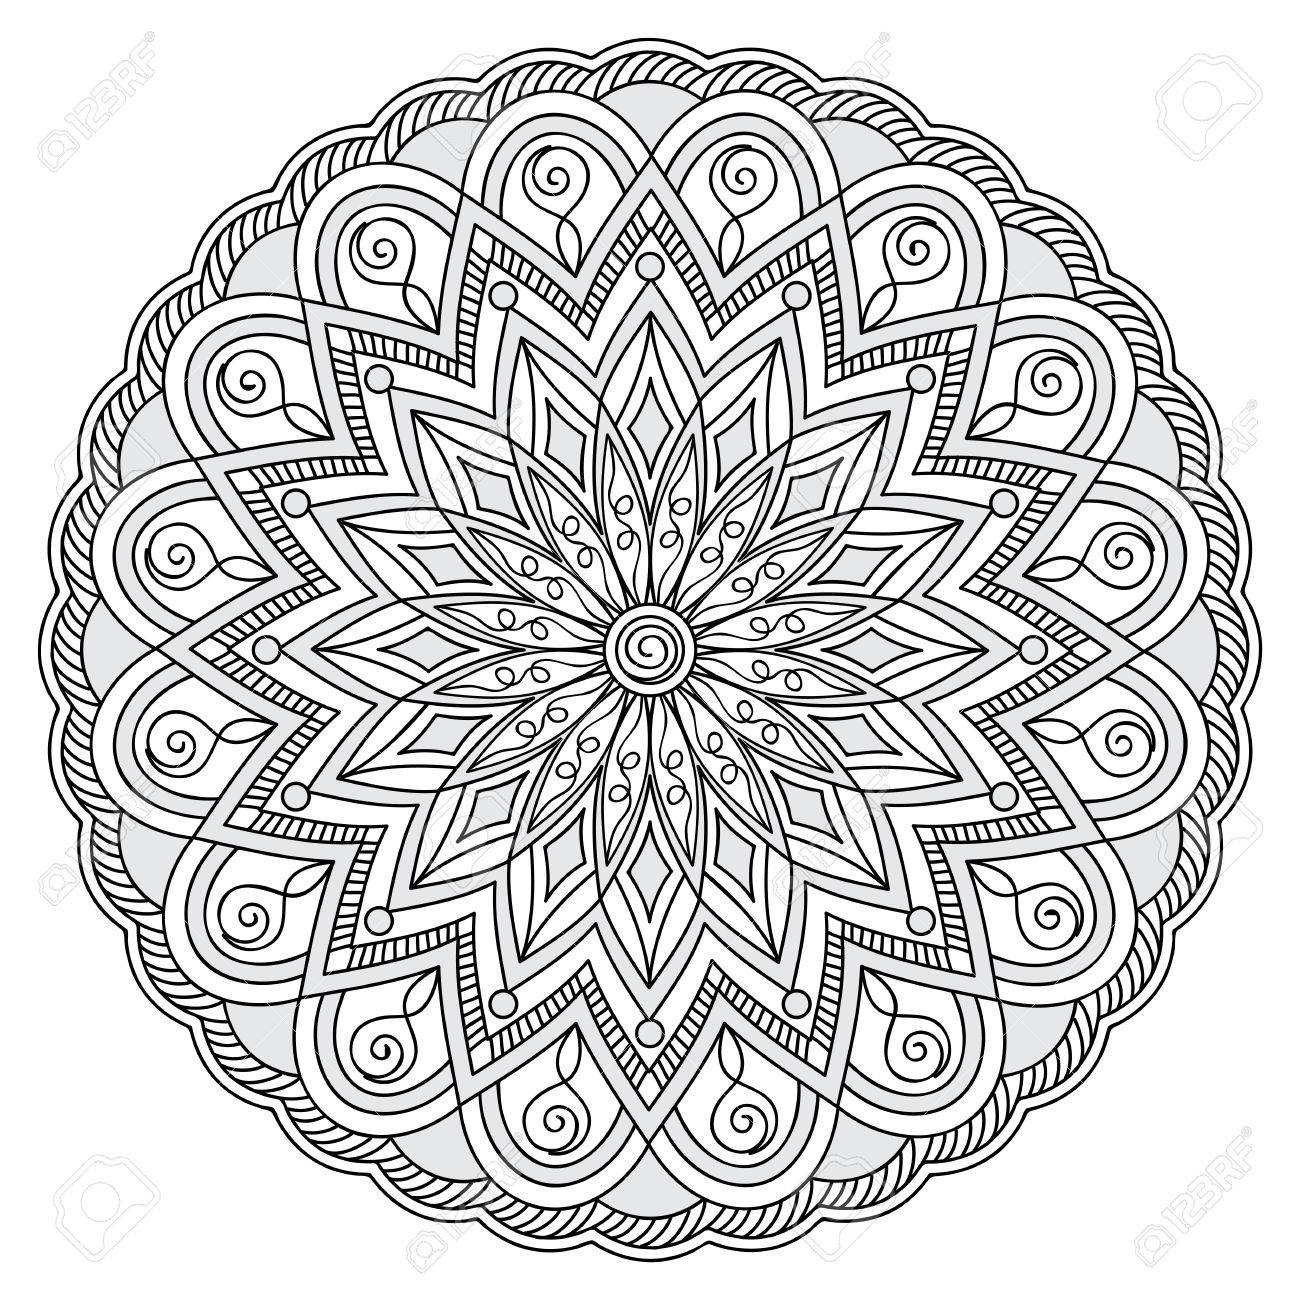 Mandala Mit Hand Gezeichneten Elemente. Bild Für Erwachsene Und ...